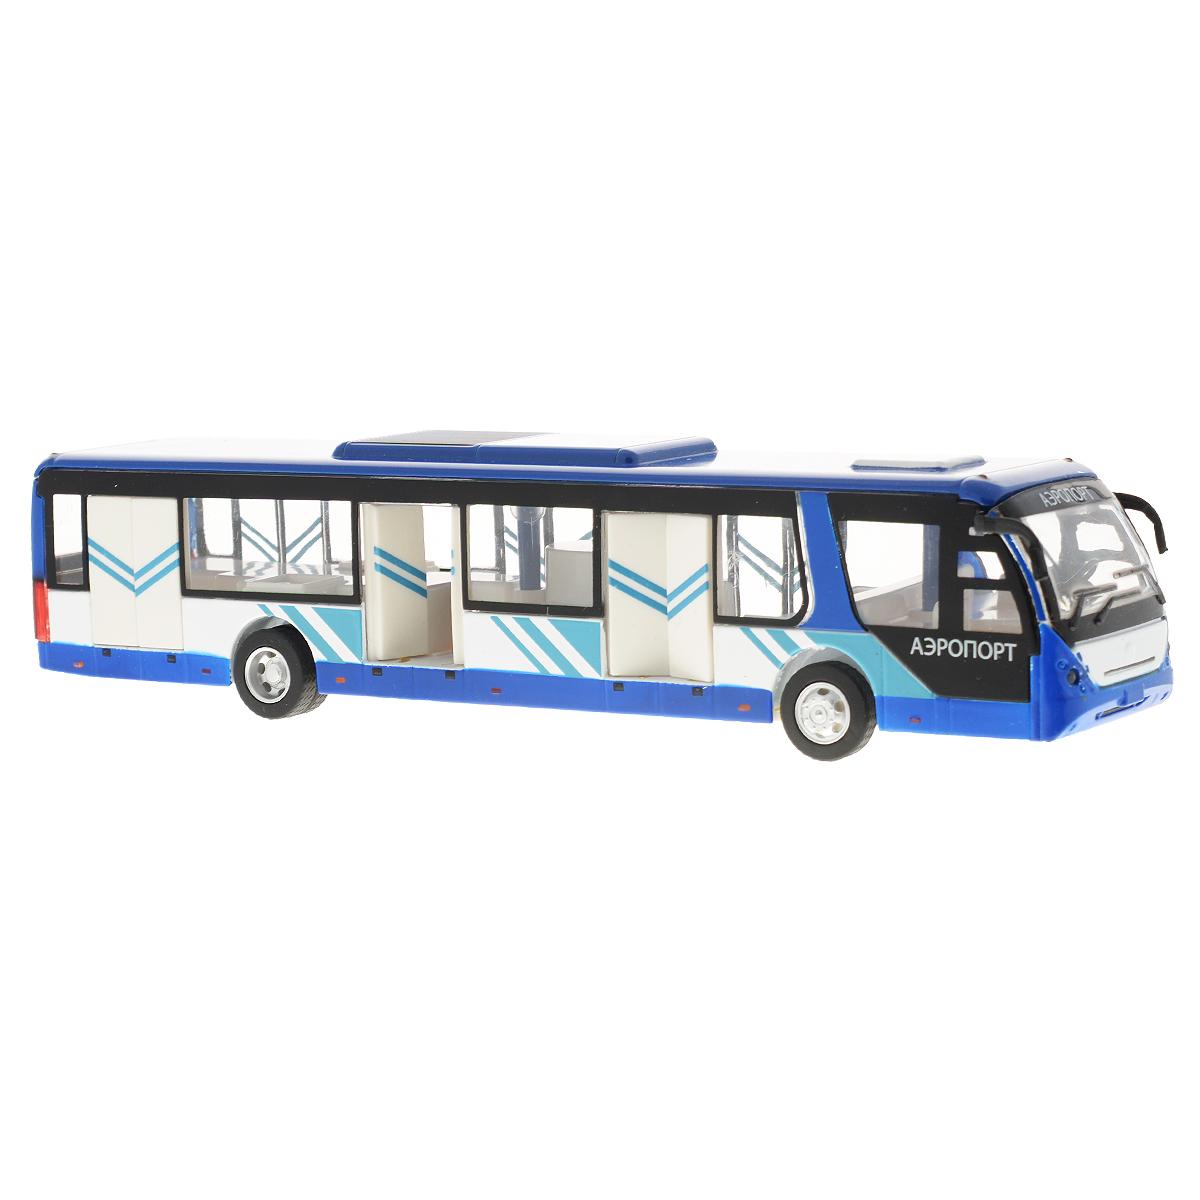 Игрушка инерционная ТехноПарк Автобус: Аэропорт802-WBИнерционная игрушка ТехноПарк Автобус: Аэропорт, выполненная из пластика и металла, станет любимой игрушкой вашего малыша. Игрушка представляет собой модель пассажирского автобуса Аэропорт. Дверцы автобуса открываются. При нажатии на крышу замигает внутренняя подсветка и раздадутся звук работающего двигателя и веселая мелодия. Игрушка оснащена инерционным ходом. Автобус необходимо отвести назад, затем отпустить - и он быстро поедет вперед. Прорезиненные колеса обеспечивают надежное сцепление с любой гладкой поверхностью. Ваш ребенок будет часами играть с этой игрушкой, придумывая различные истории. Порадуйте его таким замечательным подарком! Автобус работает от батареек (товар комплектуется демонстрационными).